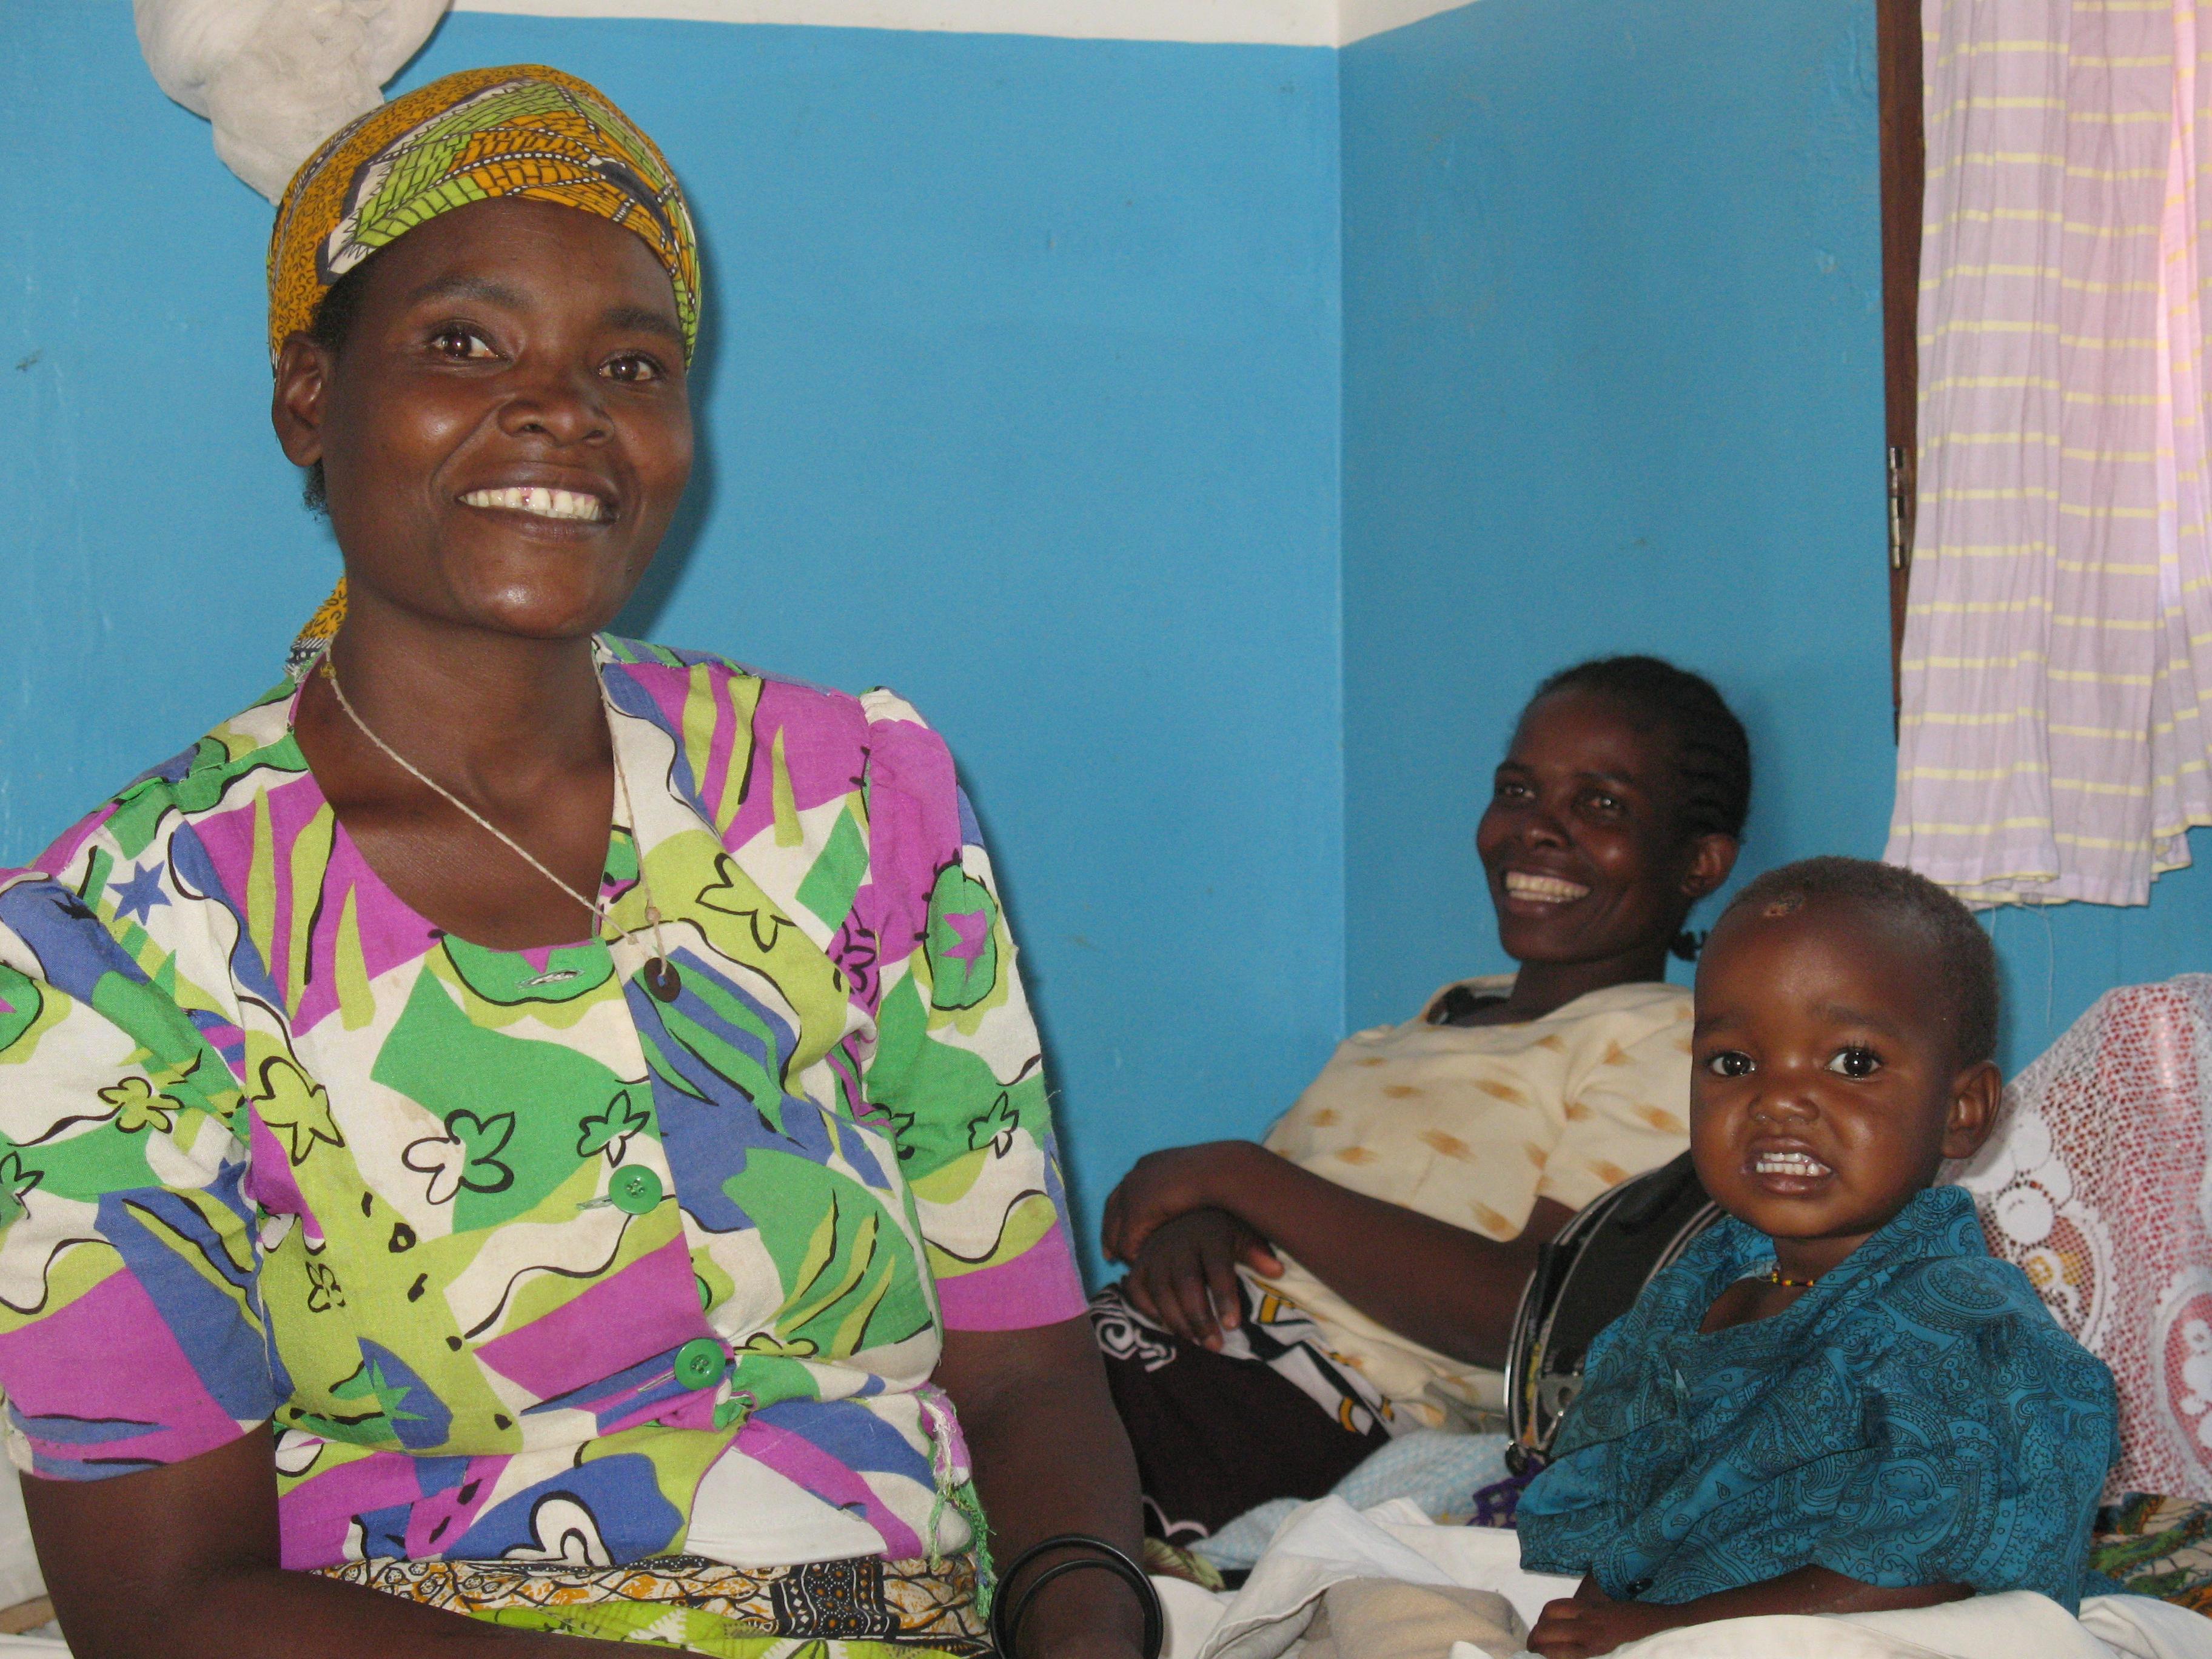 Les avortements illégaux dans les pays en développement sont une des causes les plus fréquentes de mortalité maternelle,